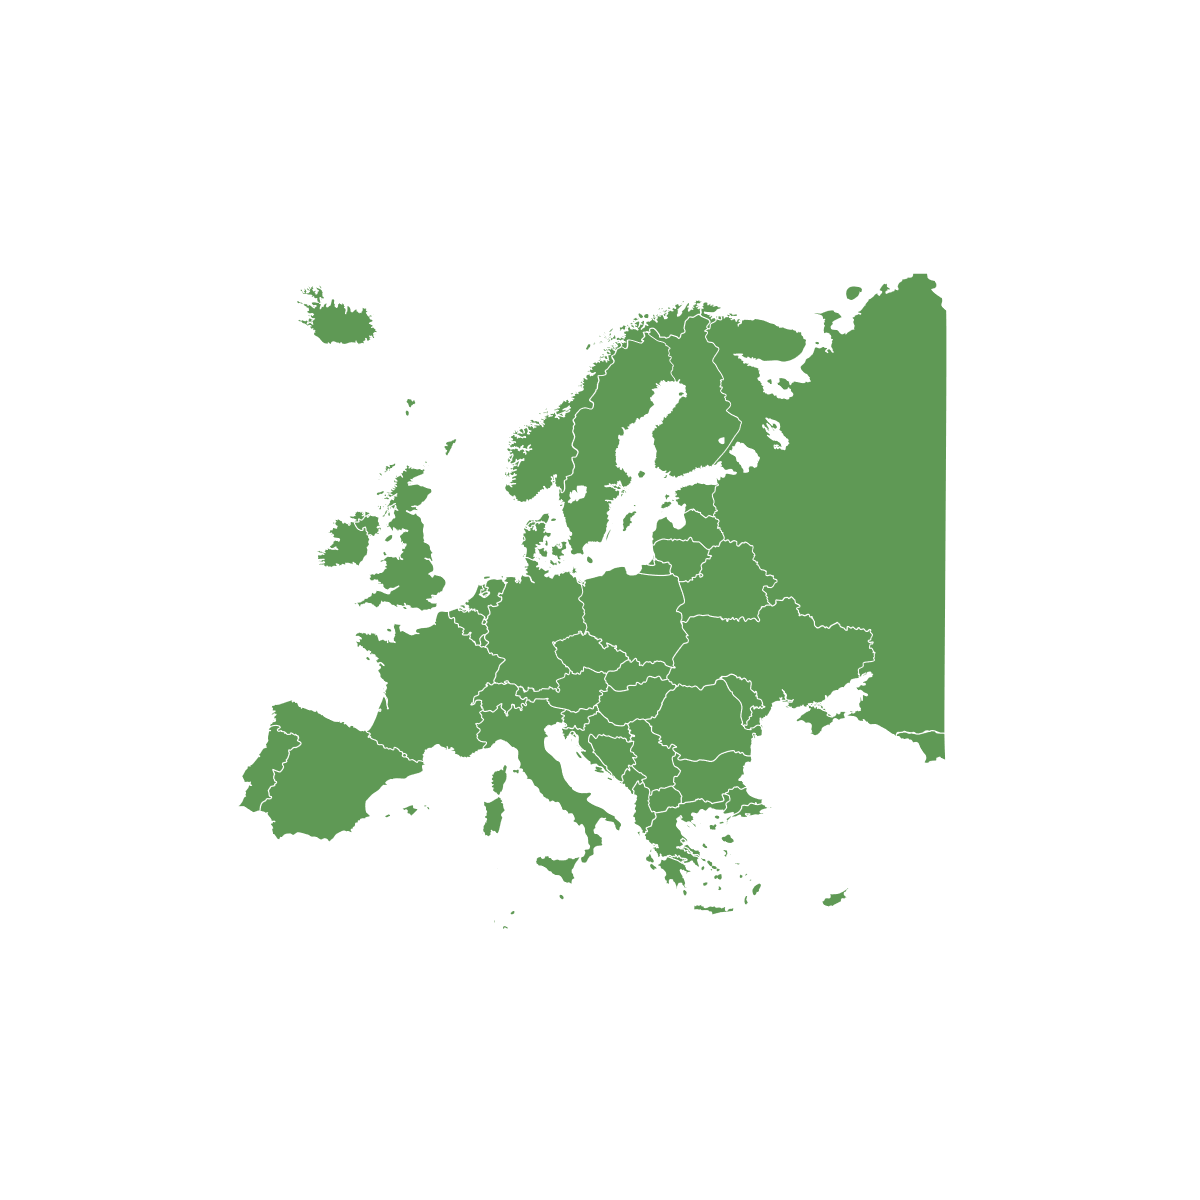 Proyectos europeos